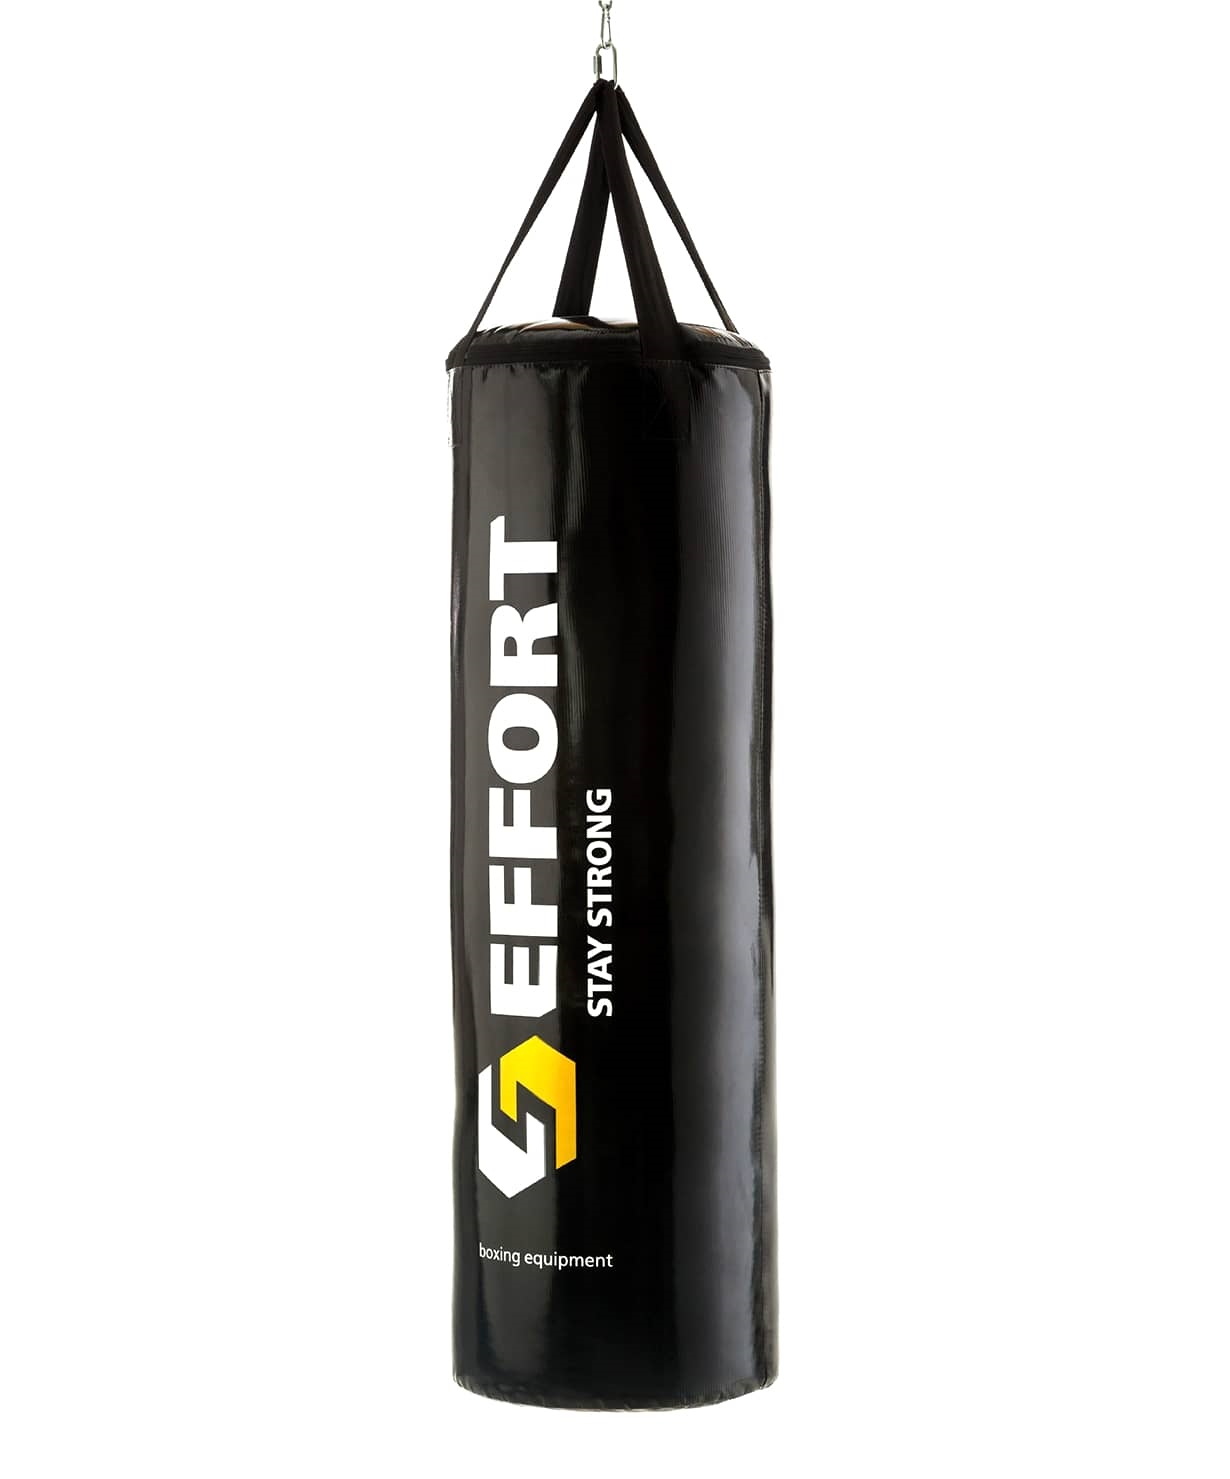 Мешок боксерский E162, тент, 35 кг, черный